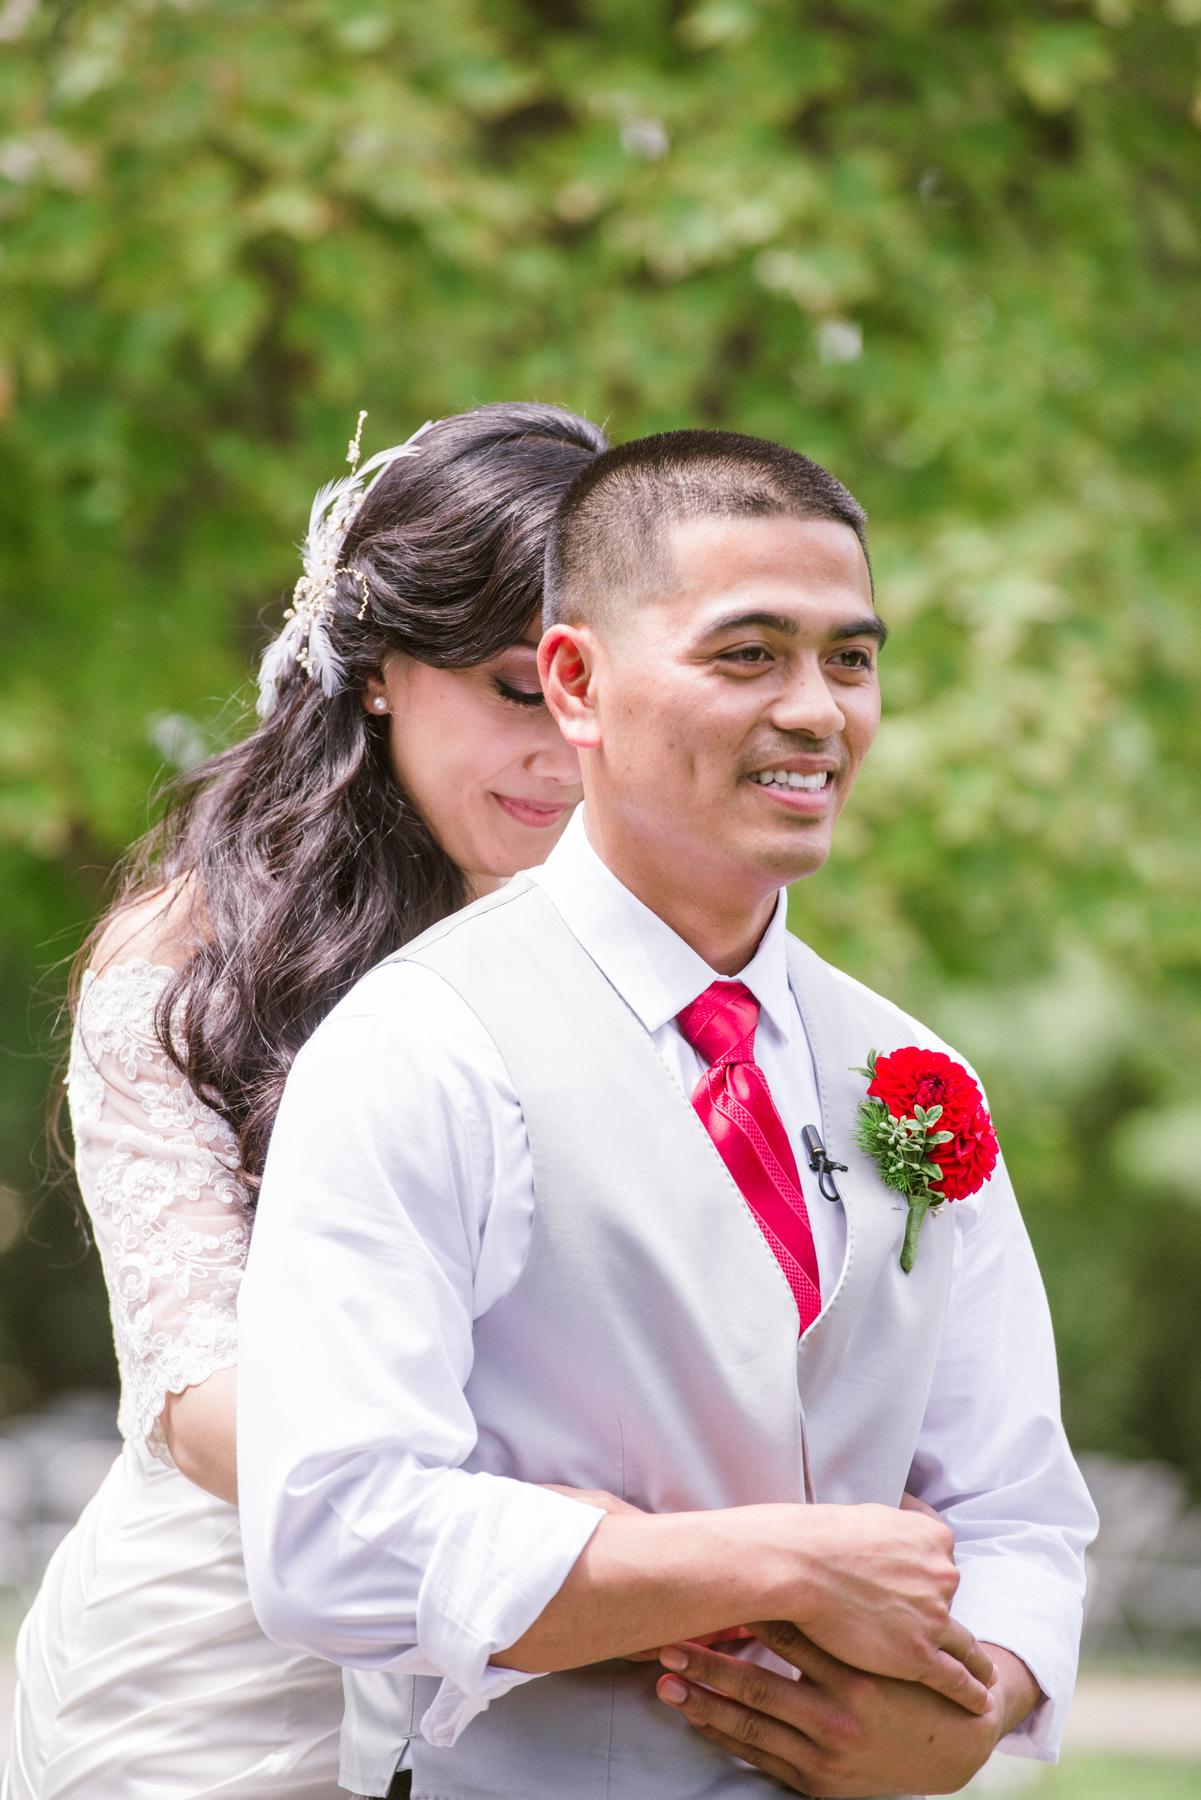 Diana_Florexis_Wedding_Letlove1-2